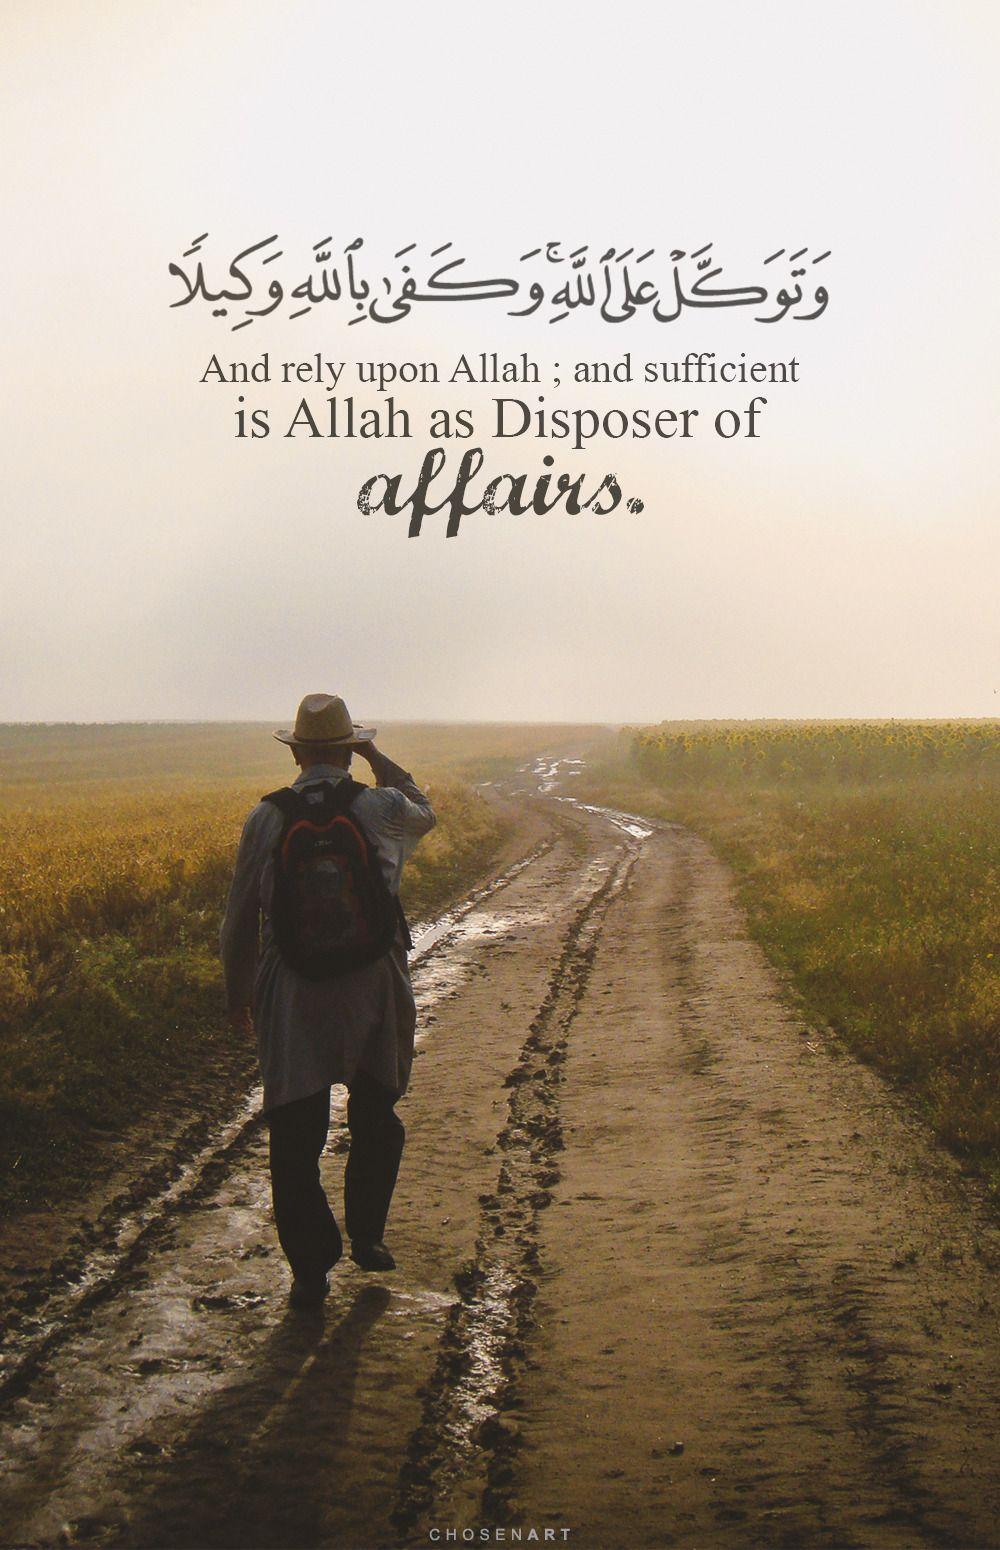 وتوكل على الله أي في جميع أمورك وأحوالك وكفى بالله وكيلا أي وكفى به وكيلا لمن توكل عليه وأناب إليه Islamic Quotes Quran Quran Quotes Quran Verses